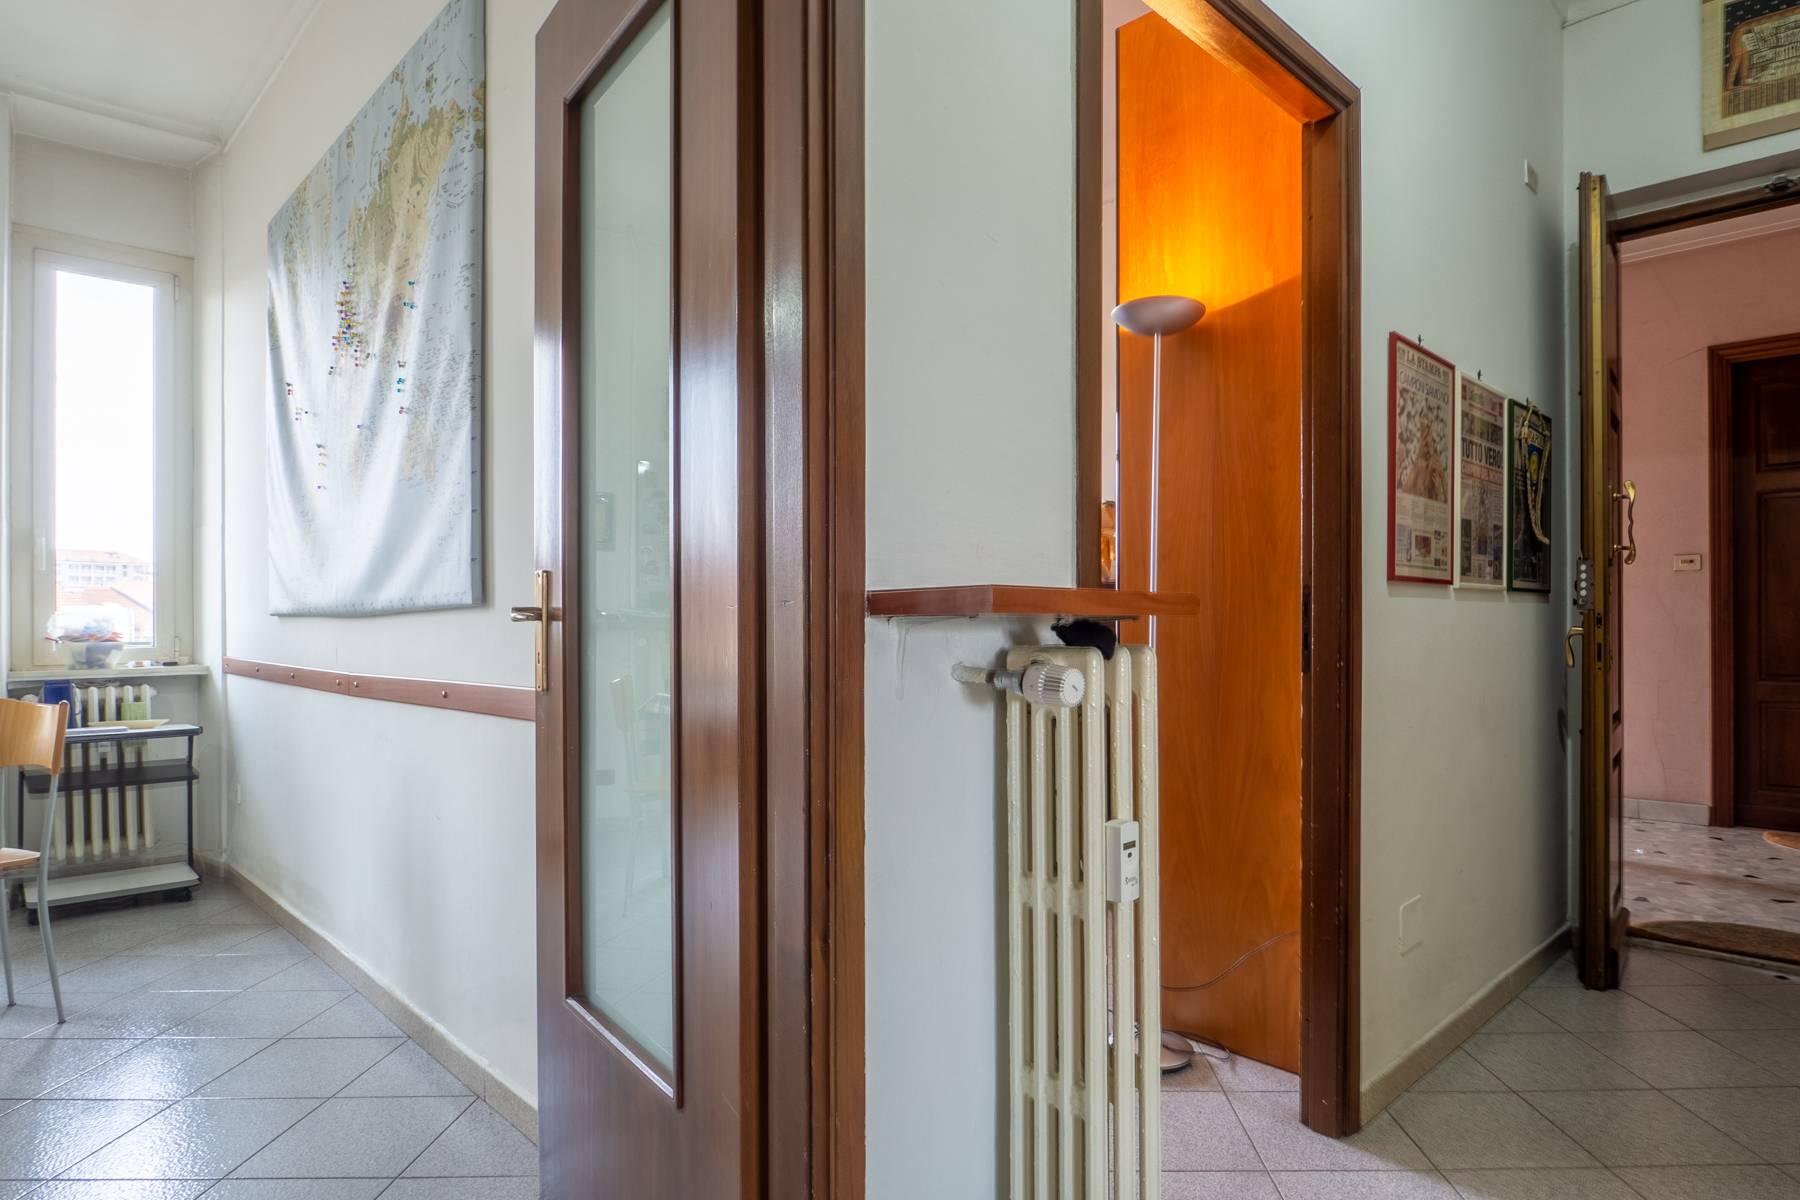 Appartamento in Vendita a Torino: 3 locali, 75 mq - Foto 12